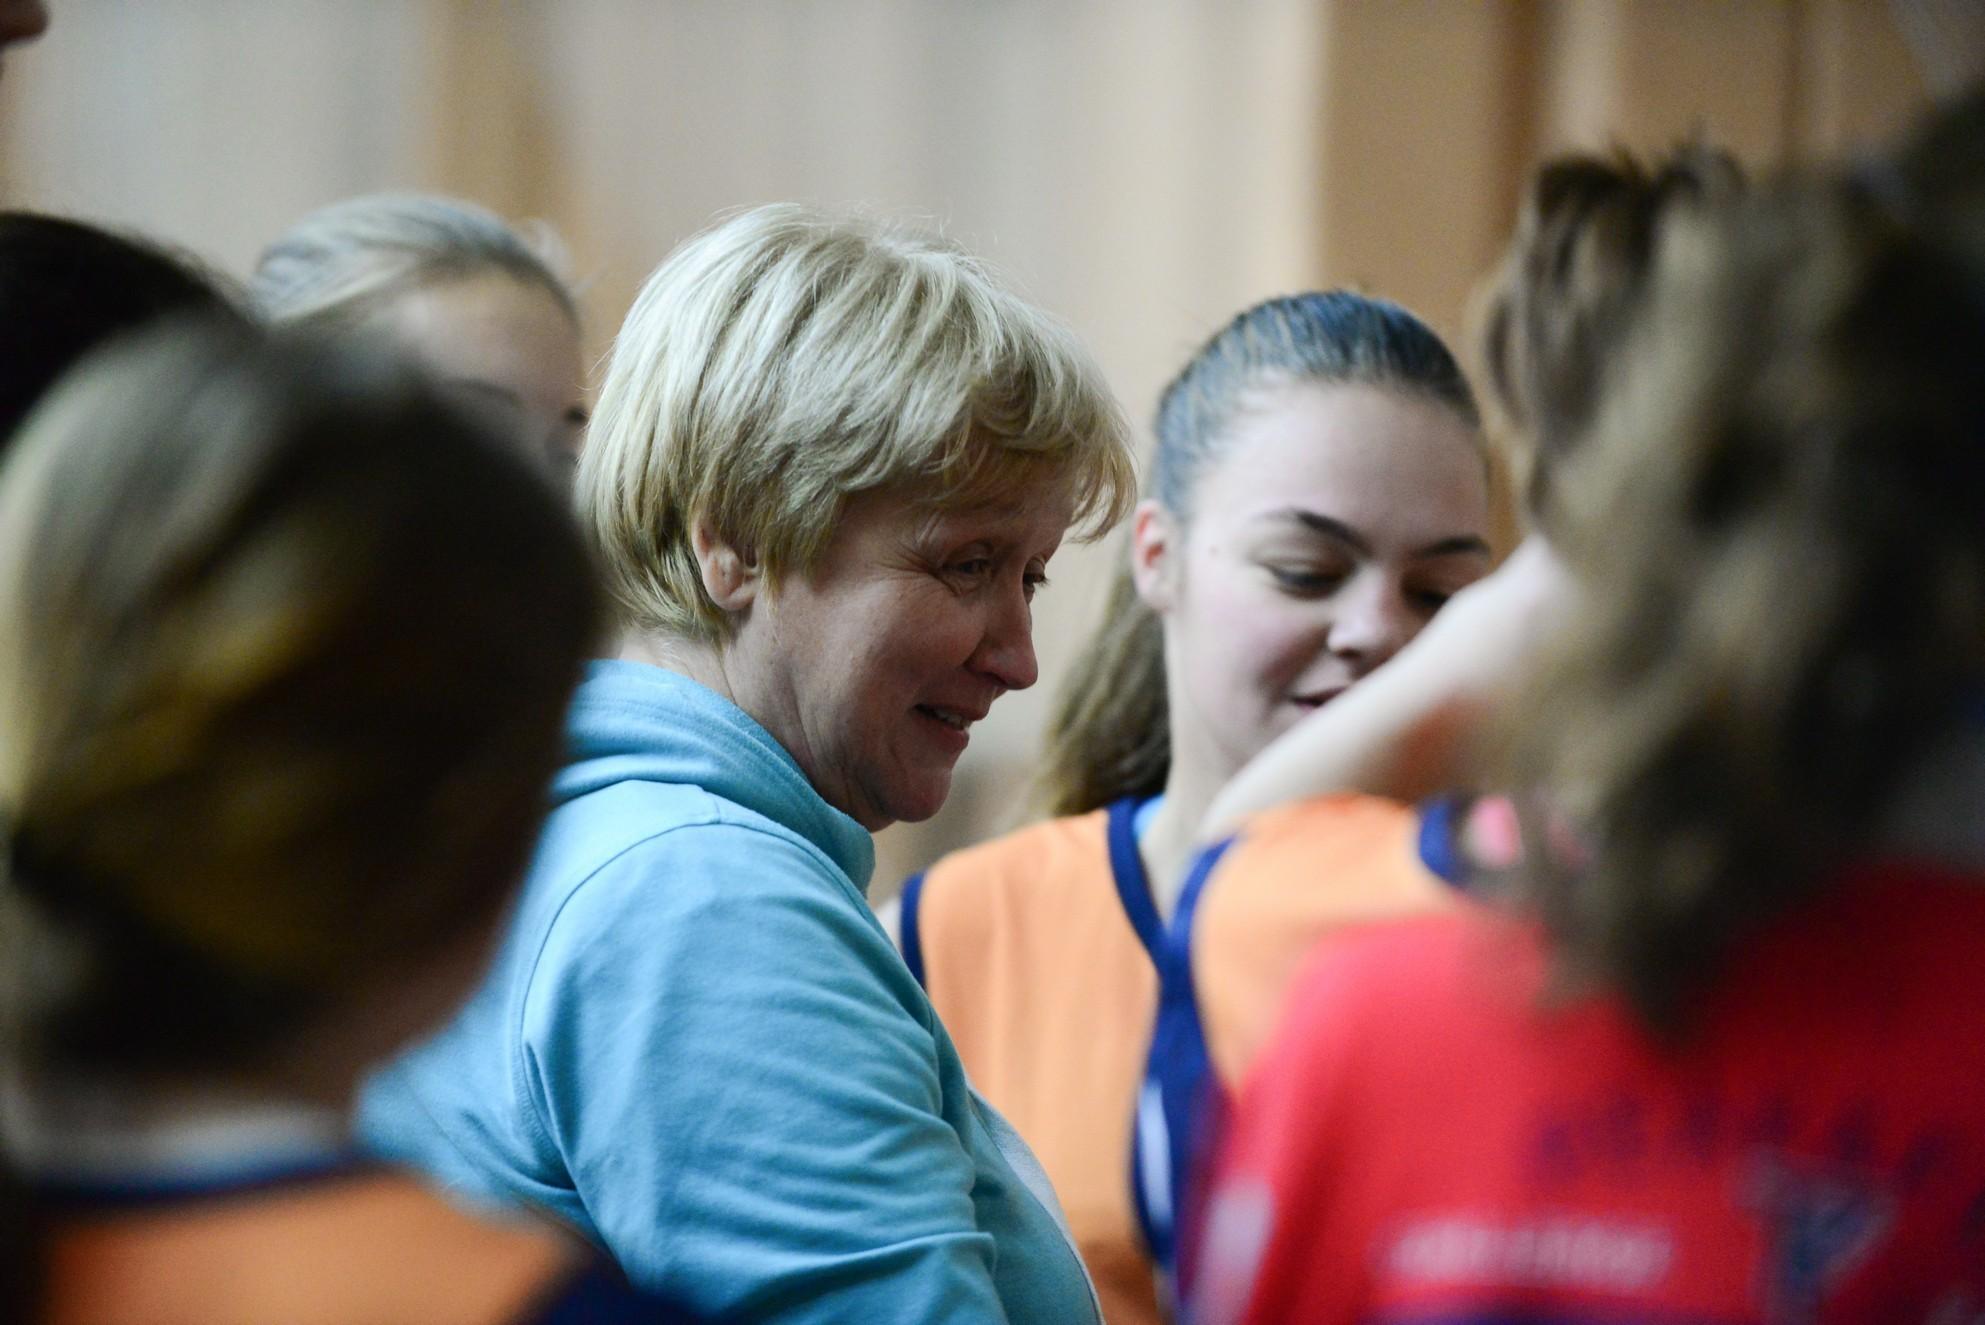 Ірина Євтушенко: зараз найголовніше, щоб дівчата стали студентками